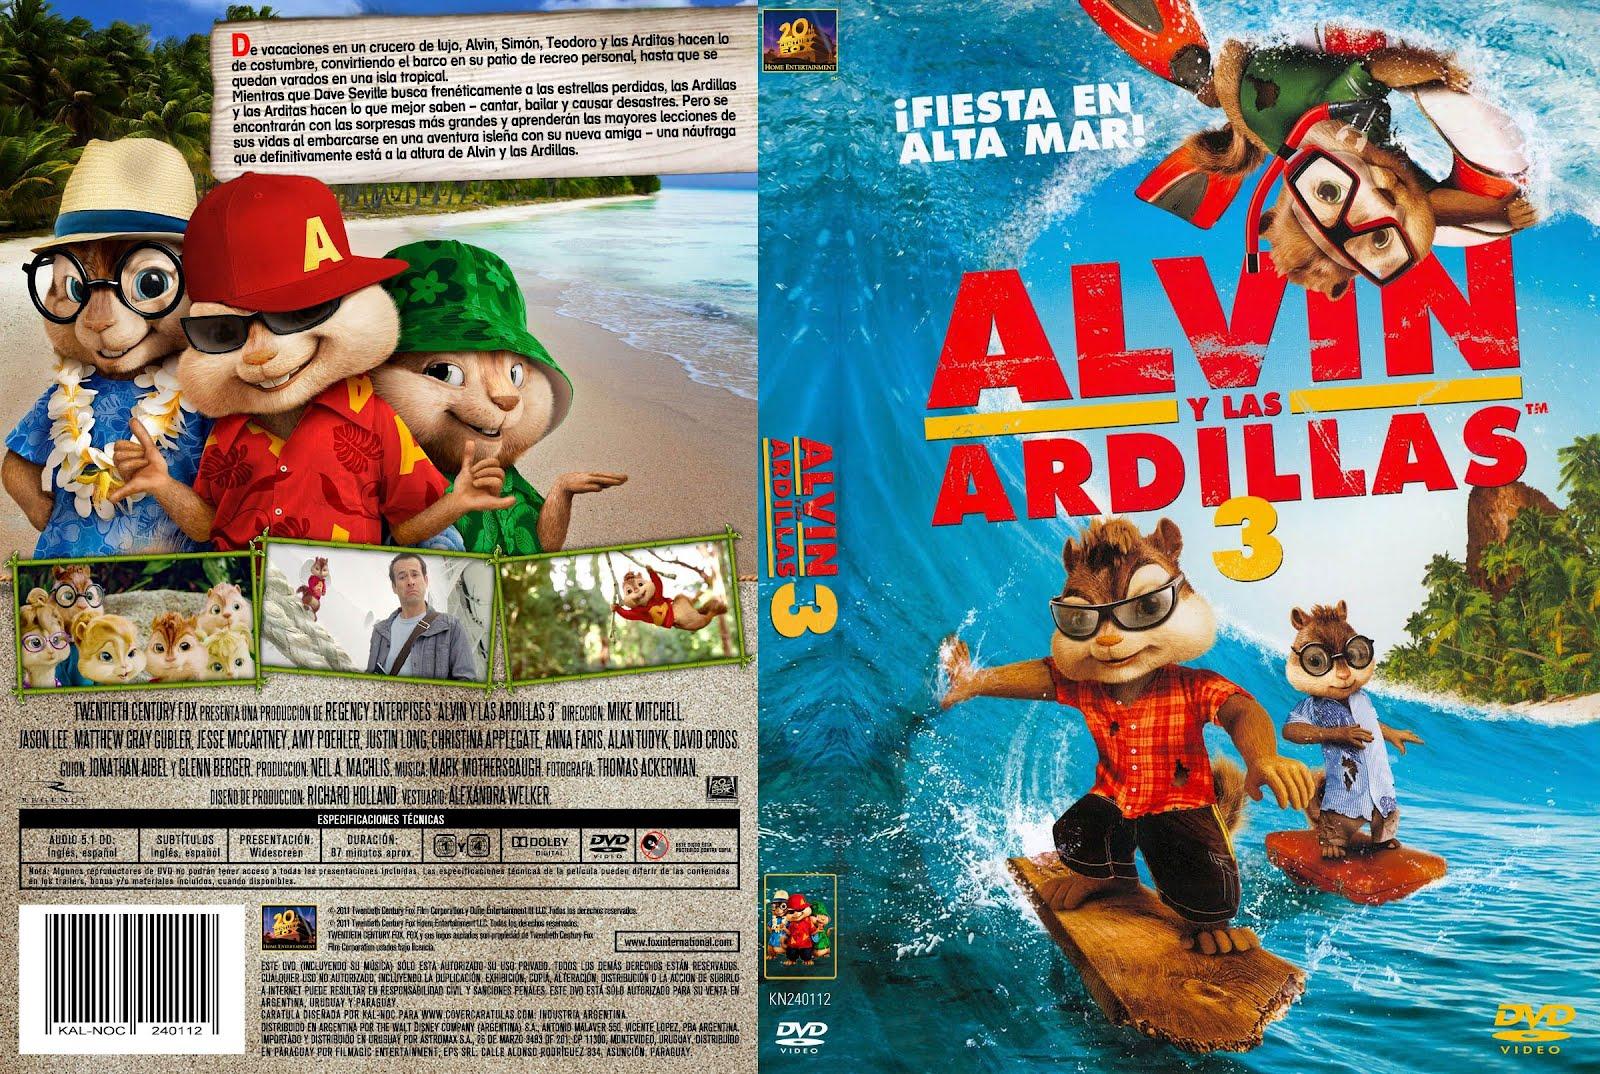 Peliculas en dvd alvin y las ardillas 3 for Alvin y las ardillas